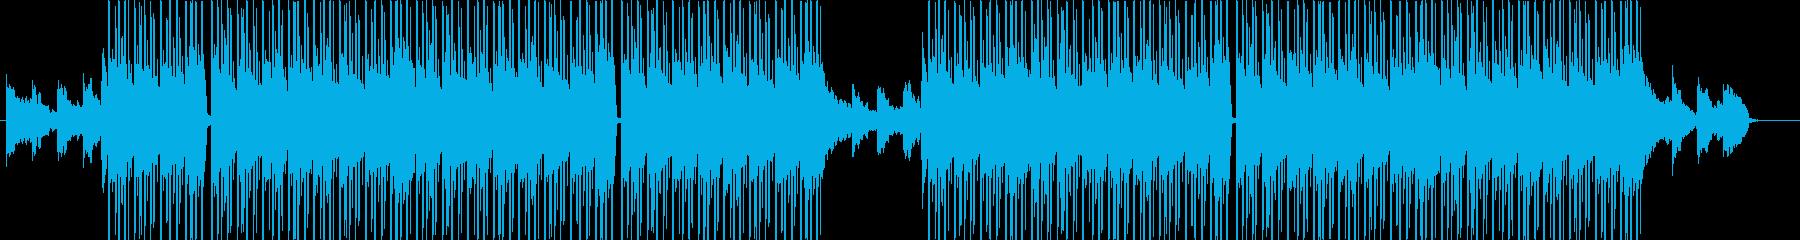 洋楽、チルアウト、エモーショナルR&B♪の再生済みの波形